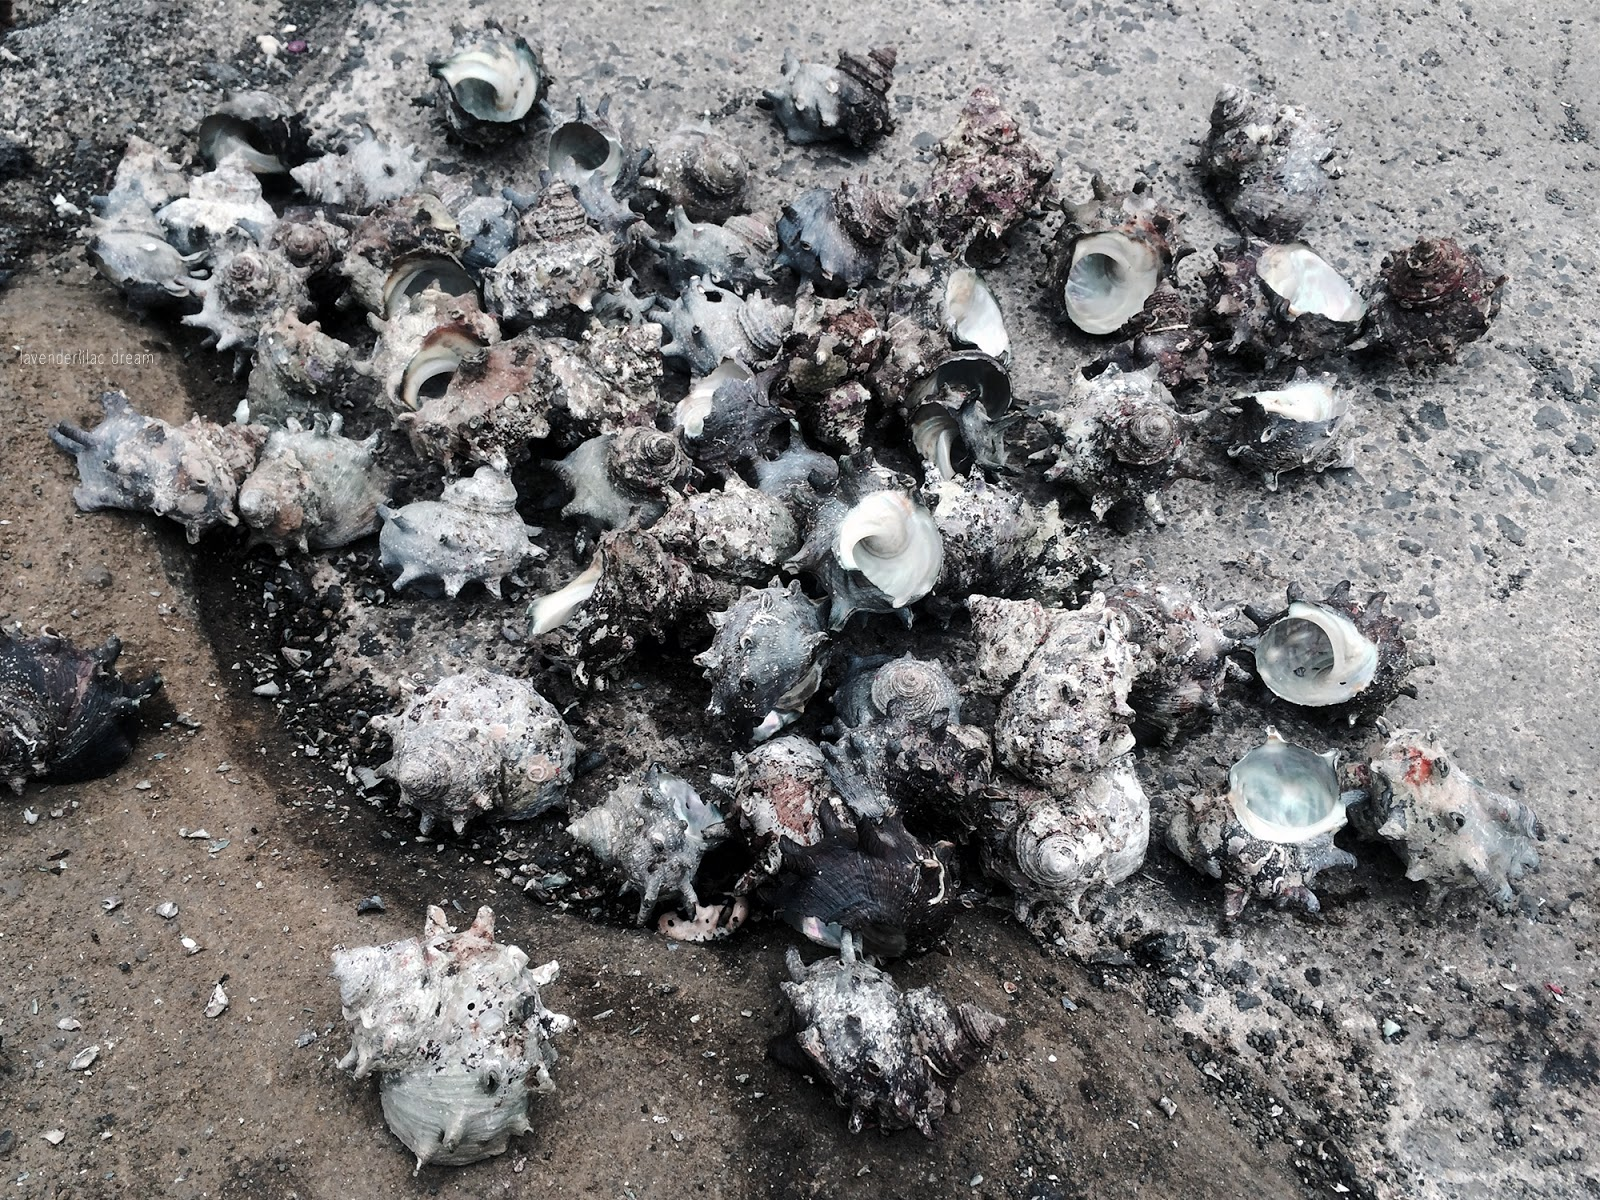 South Korea, Jeju Island, Yonsei University, YISS 2014, Sunrise Peak conch shells